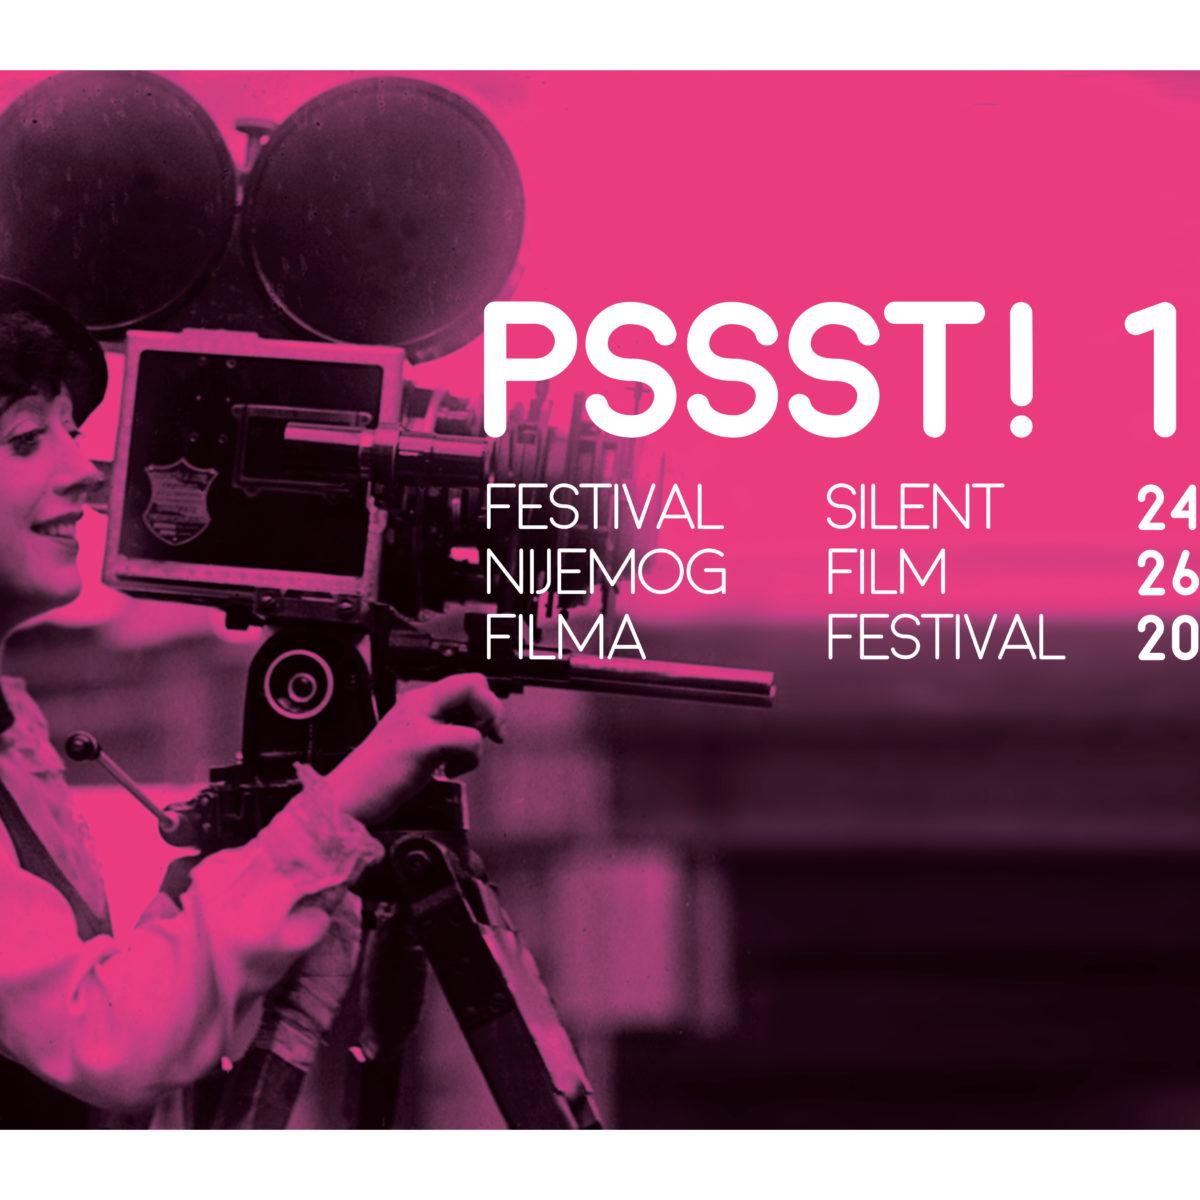 13. PSSST! Festival nijemog filma – Poziv za sudjelovanje – Rok za prijavu 1.10.